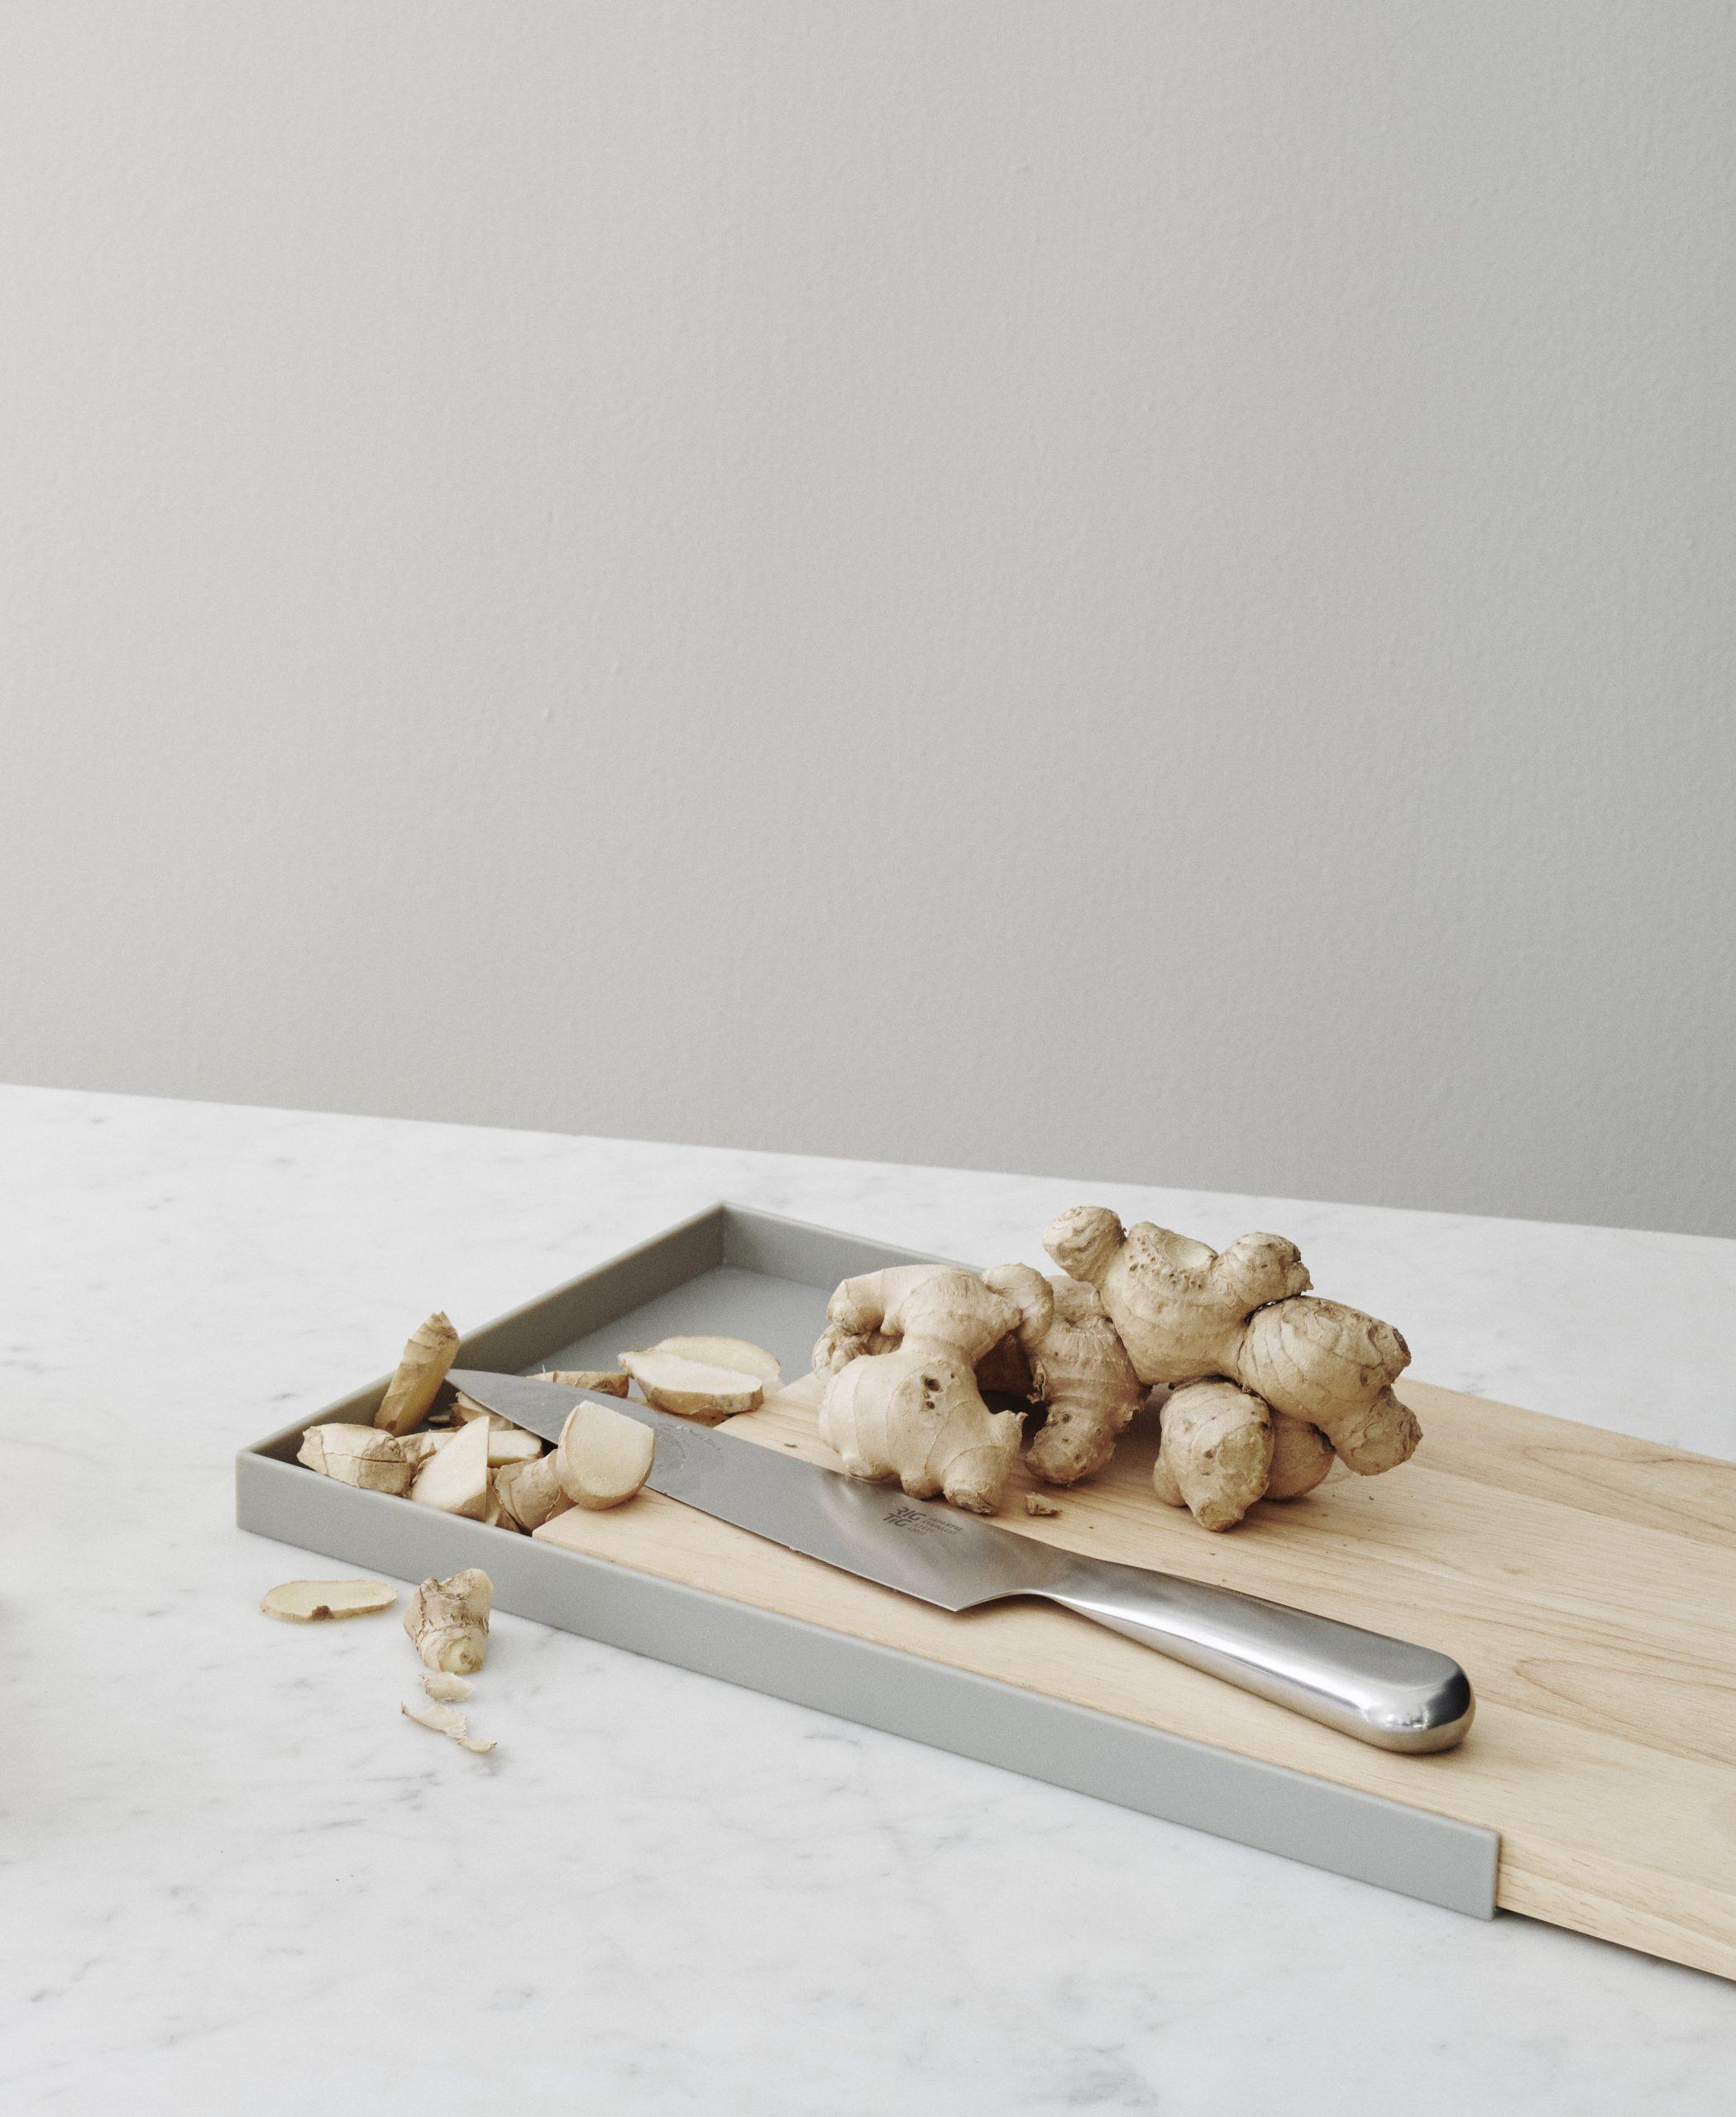 Frame cutting board designed by Debiasi Sandri for RigTig